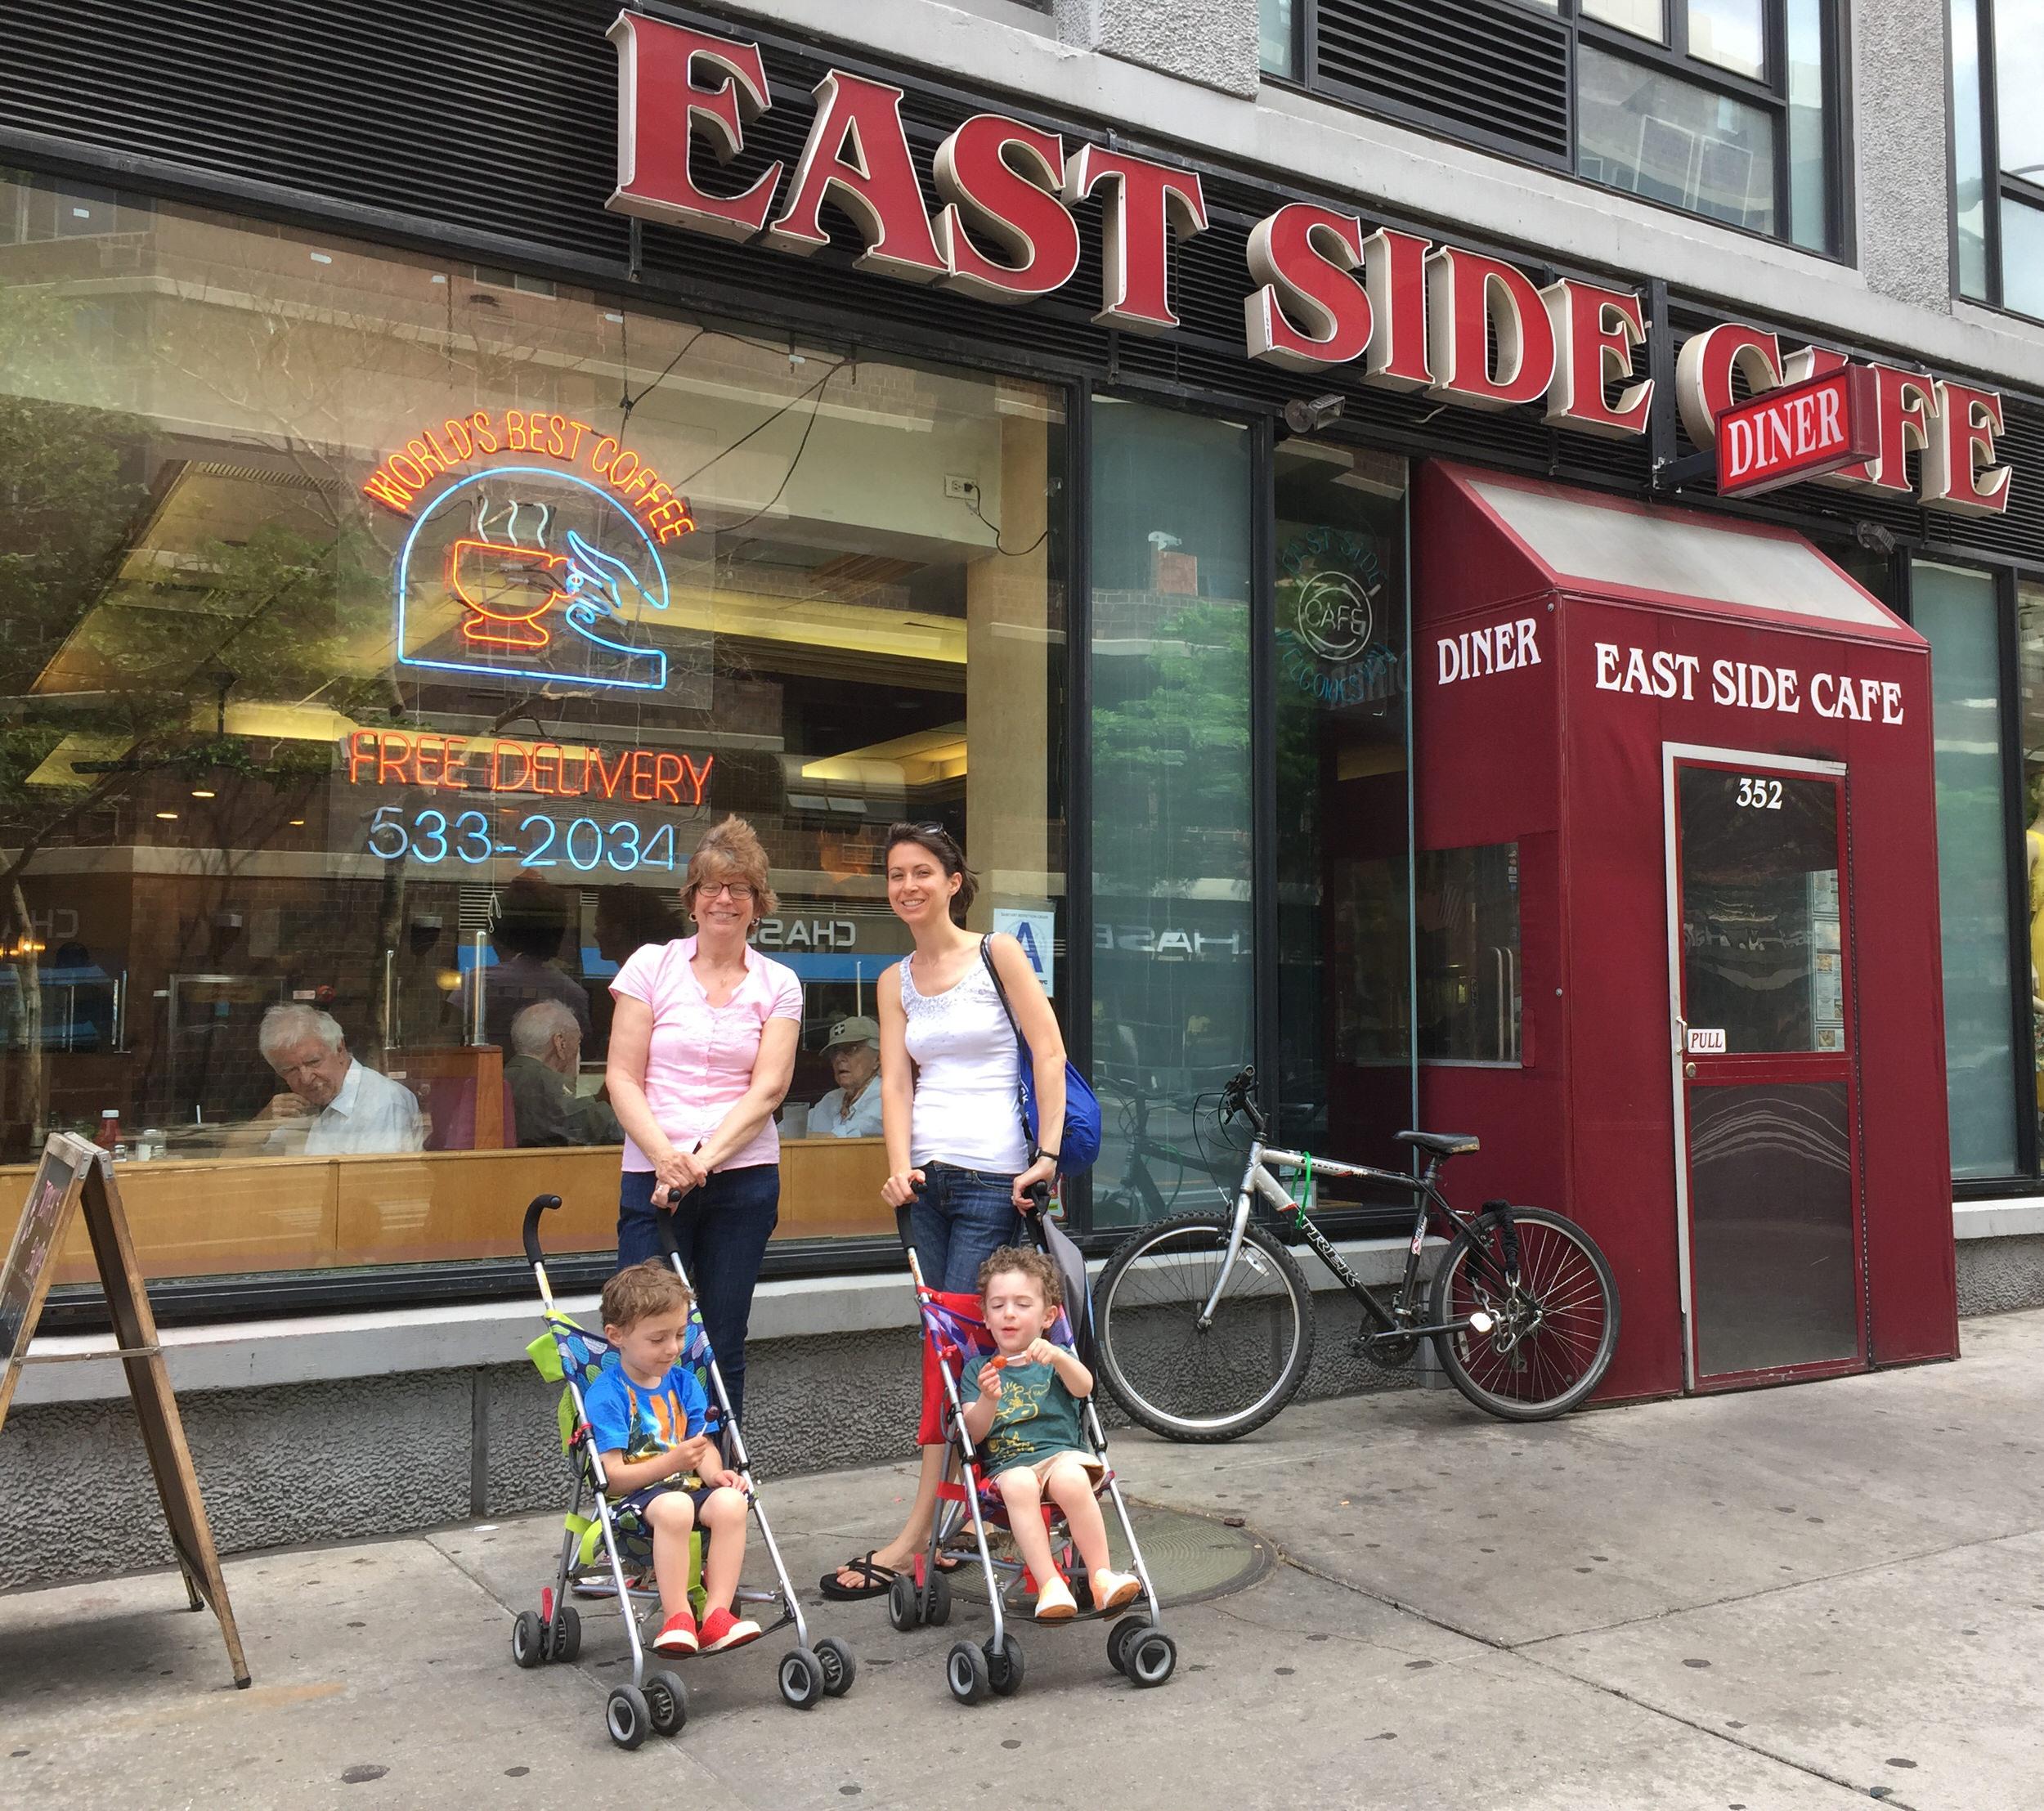 East Side Cafe Diner